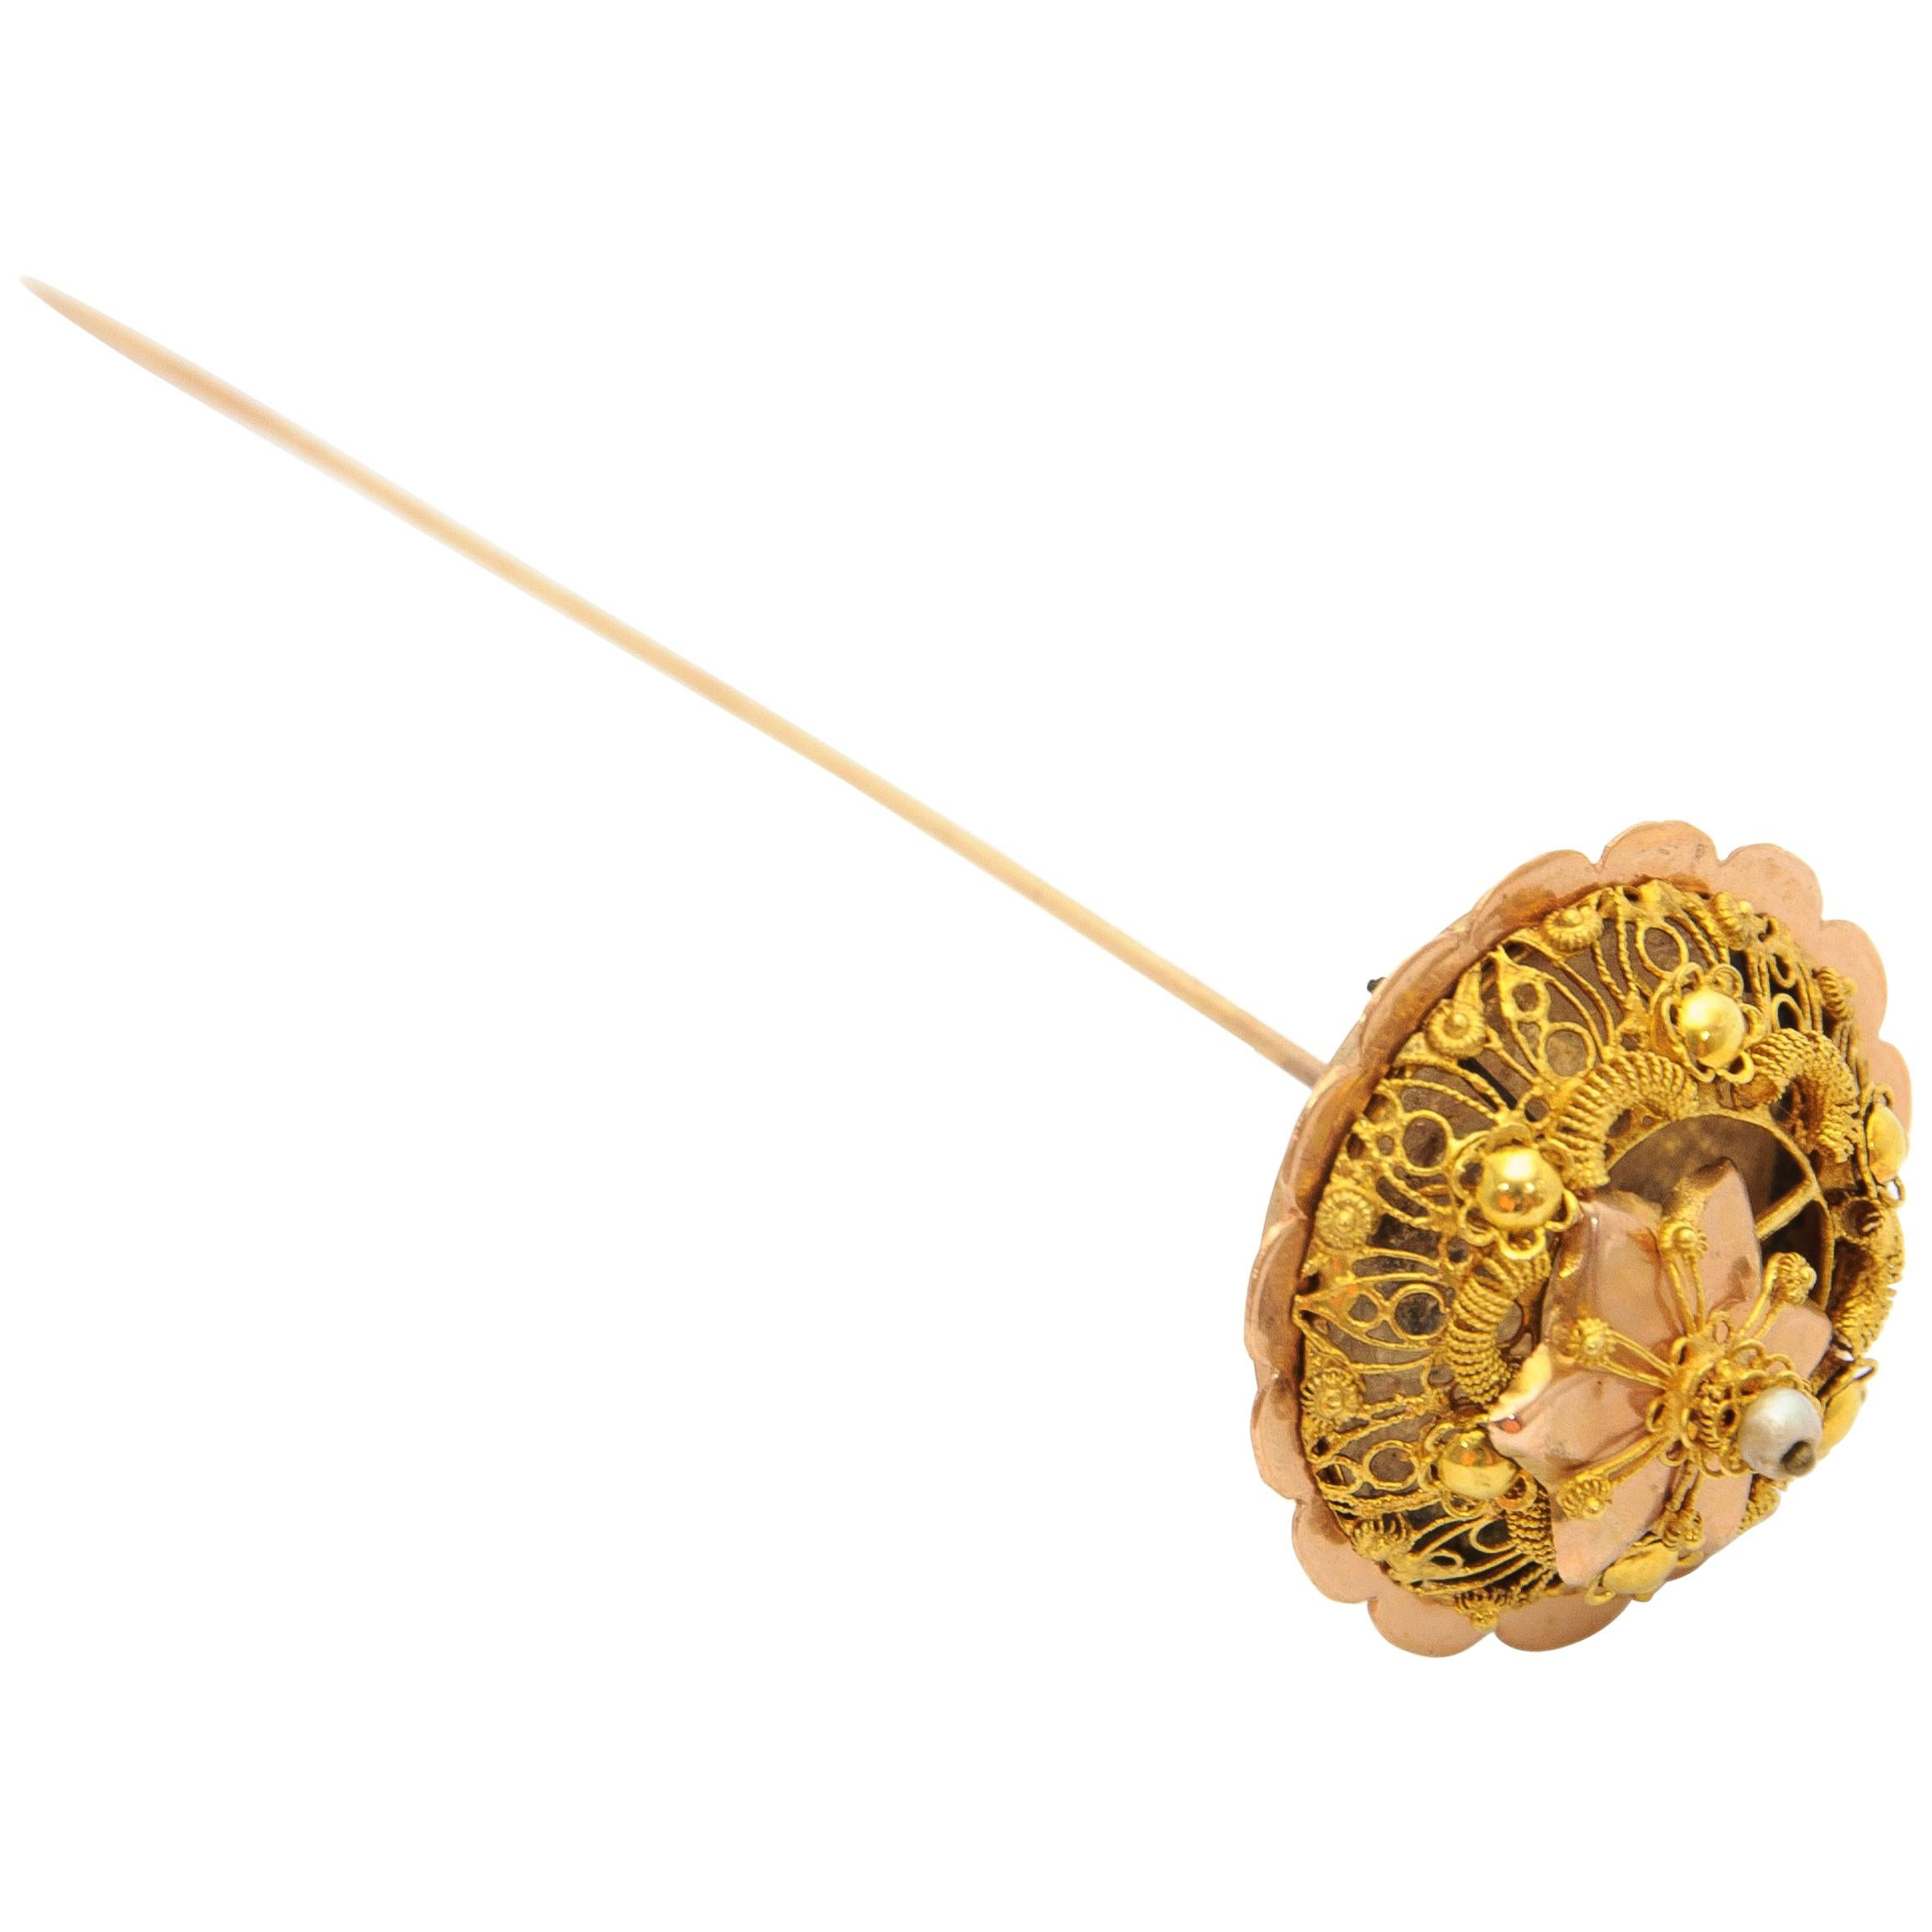 Victorian 14 Karat Yellow Gold Filigree Pearl Stick Pin